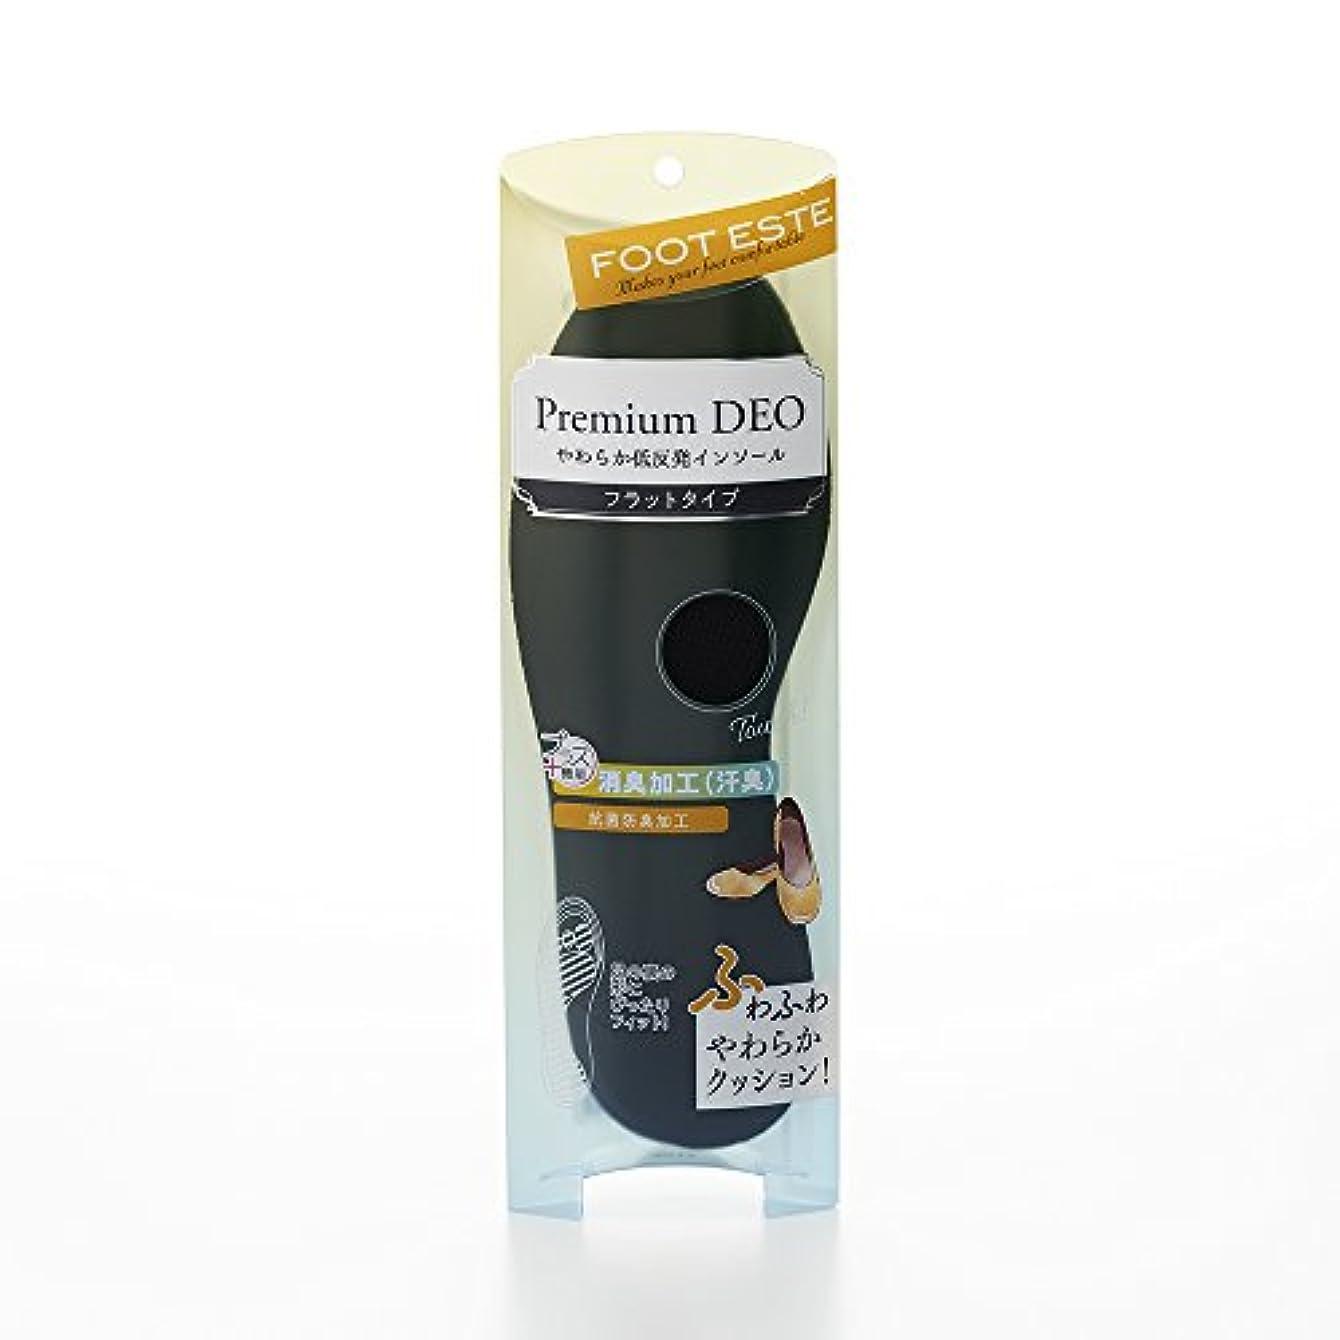 引っ張る王女拍車フットエステ Premium DEO プレミアムデオ やわらか低反発インソール フラットタイプ 【消臭 抗菌防臭】